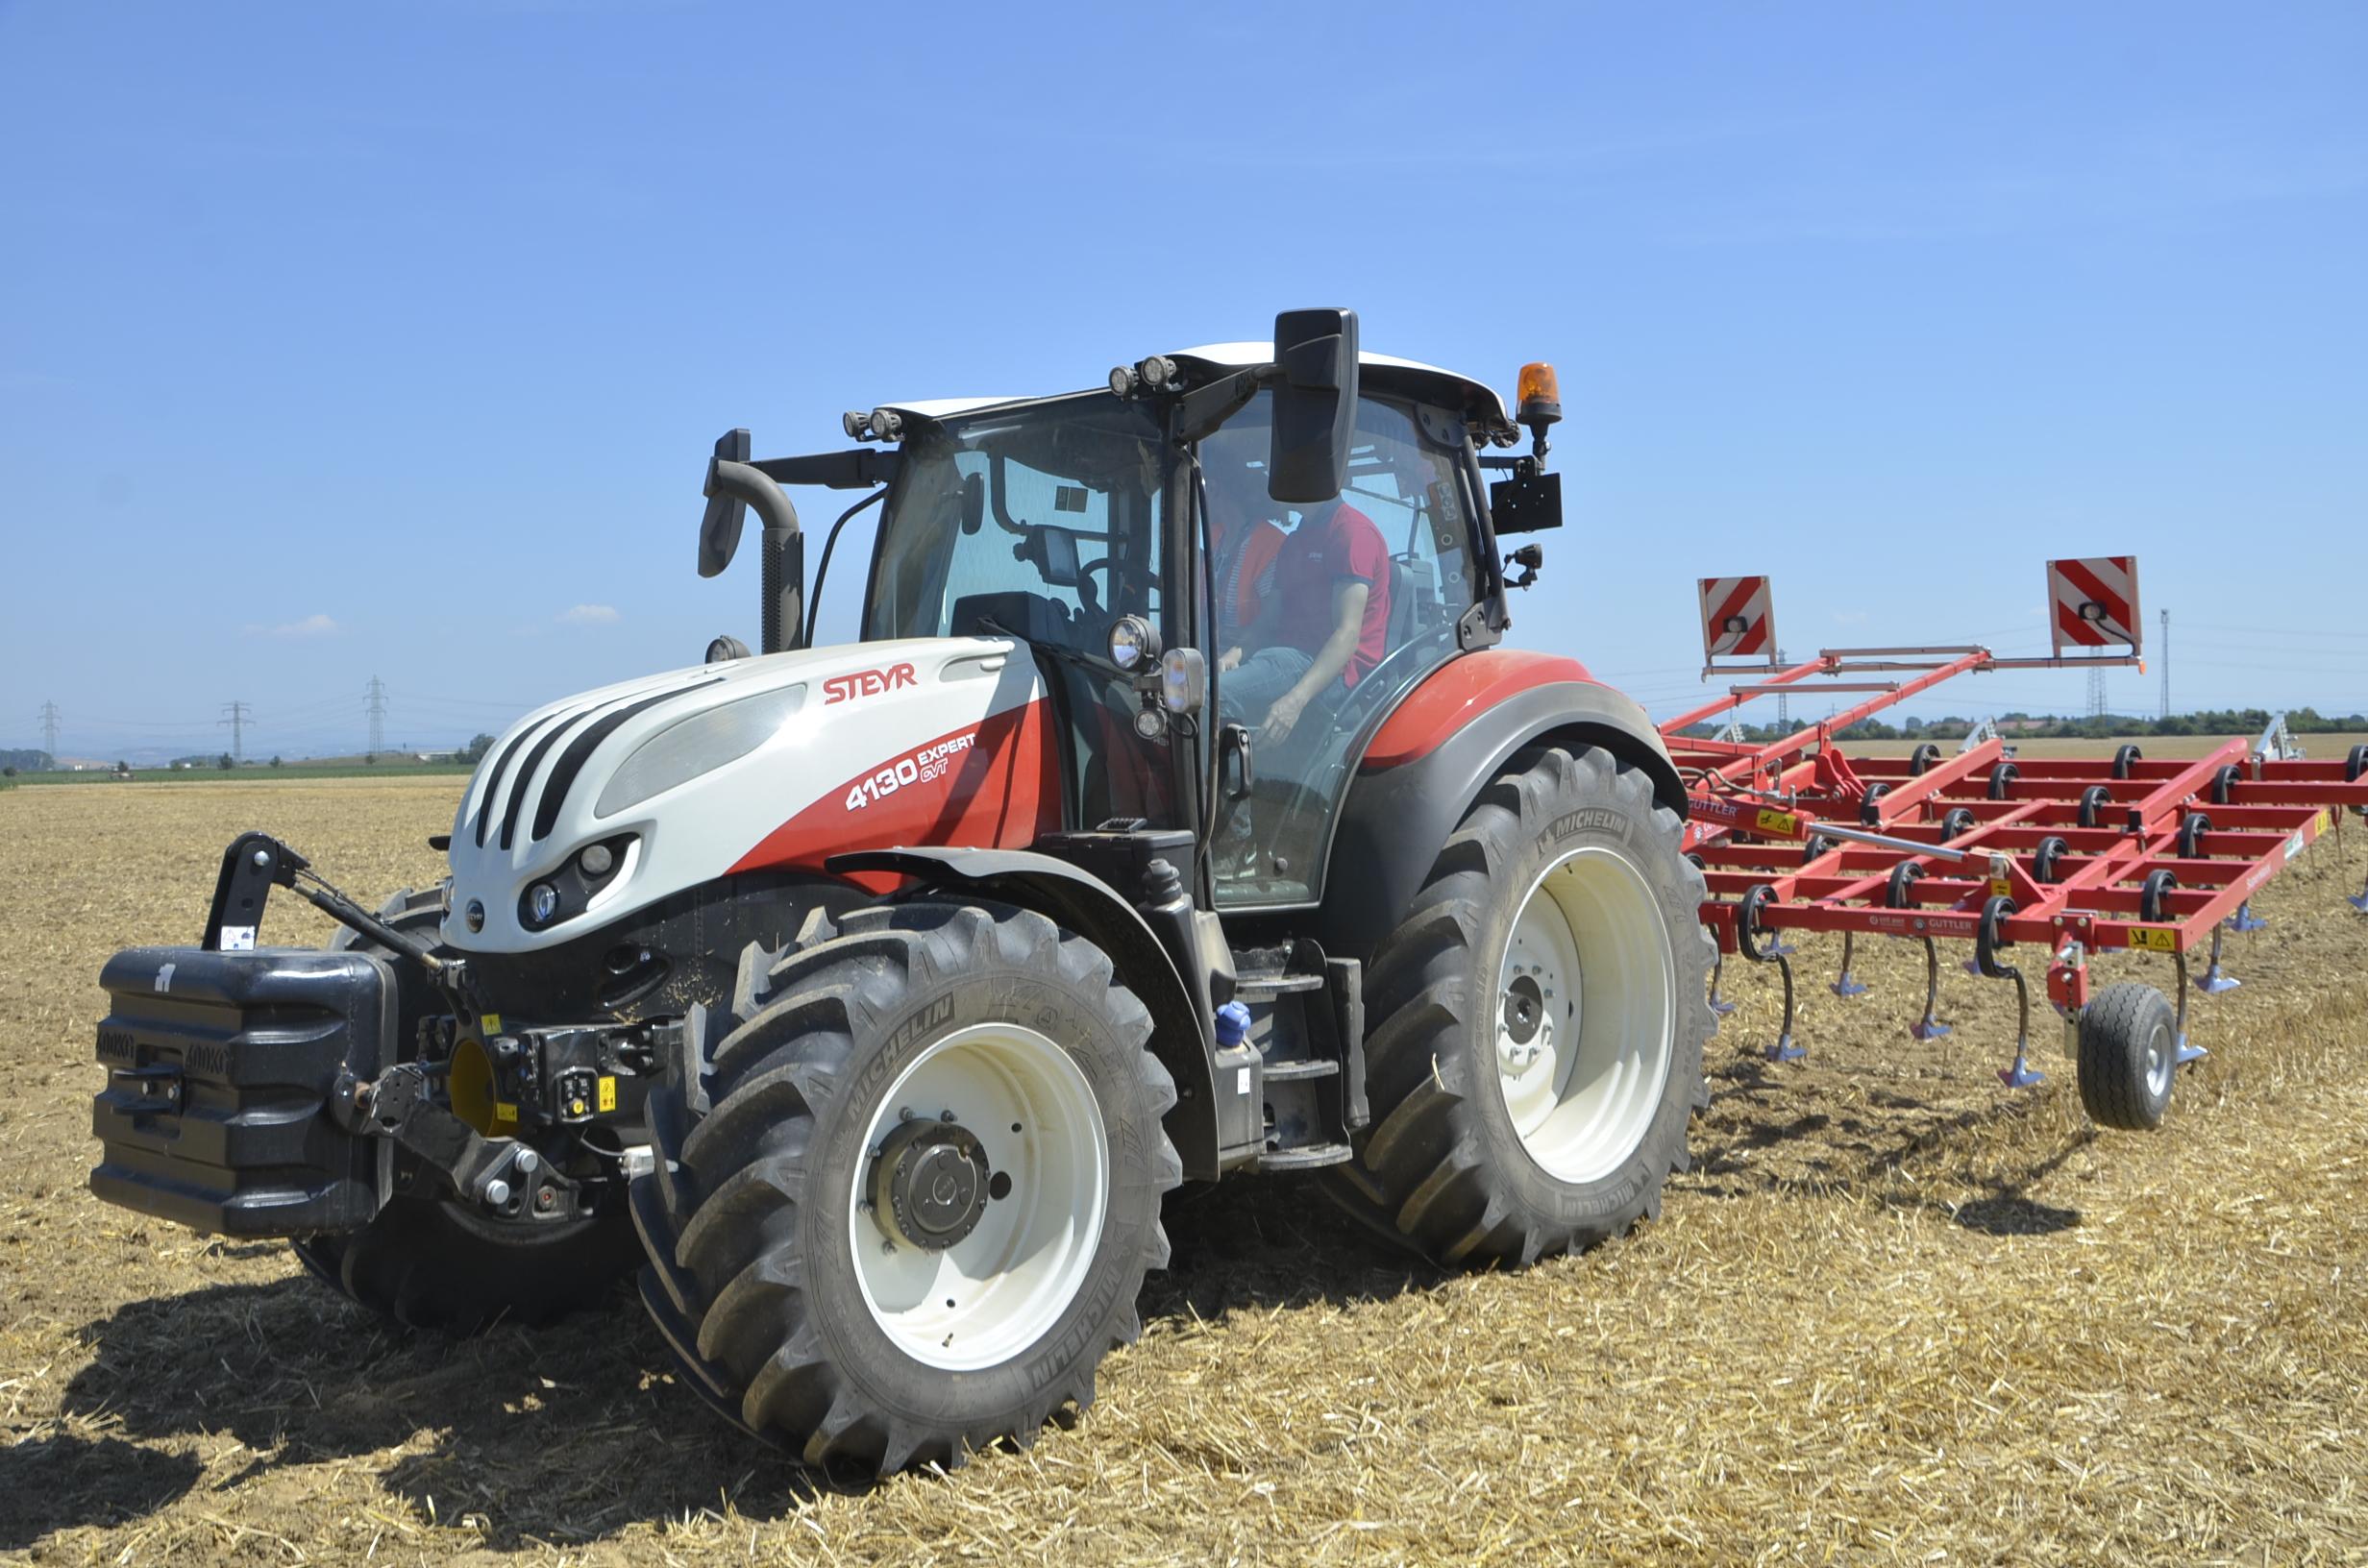 Steyr_Traktoren-184